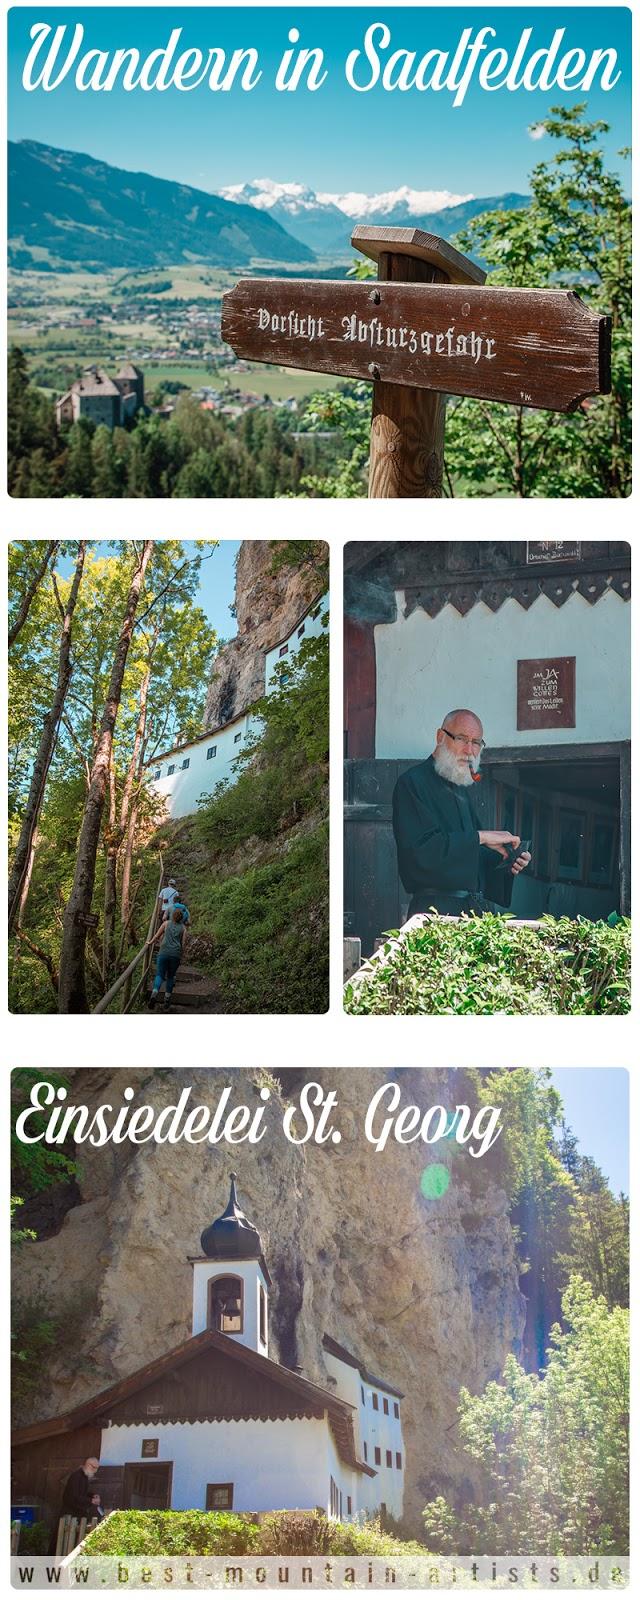 Wanderung zur Einsiedelei St. Georg bei Saalfelden  SalzburgerLand